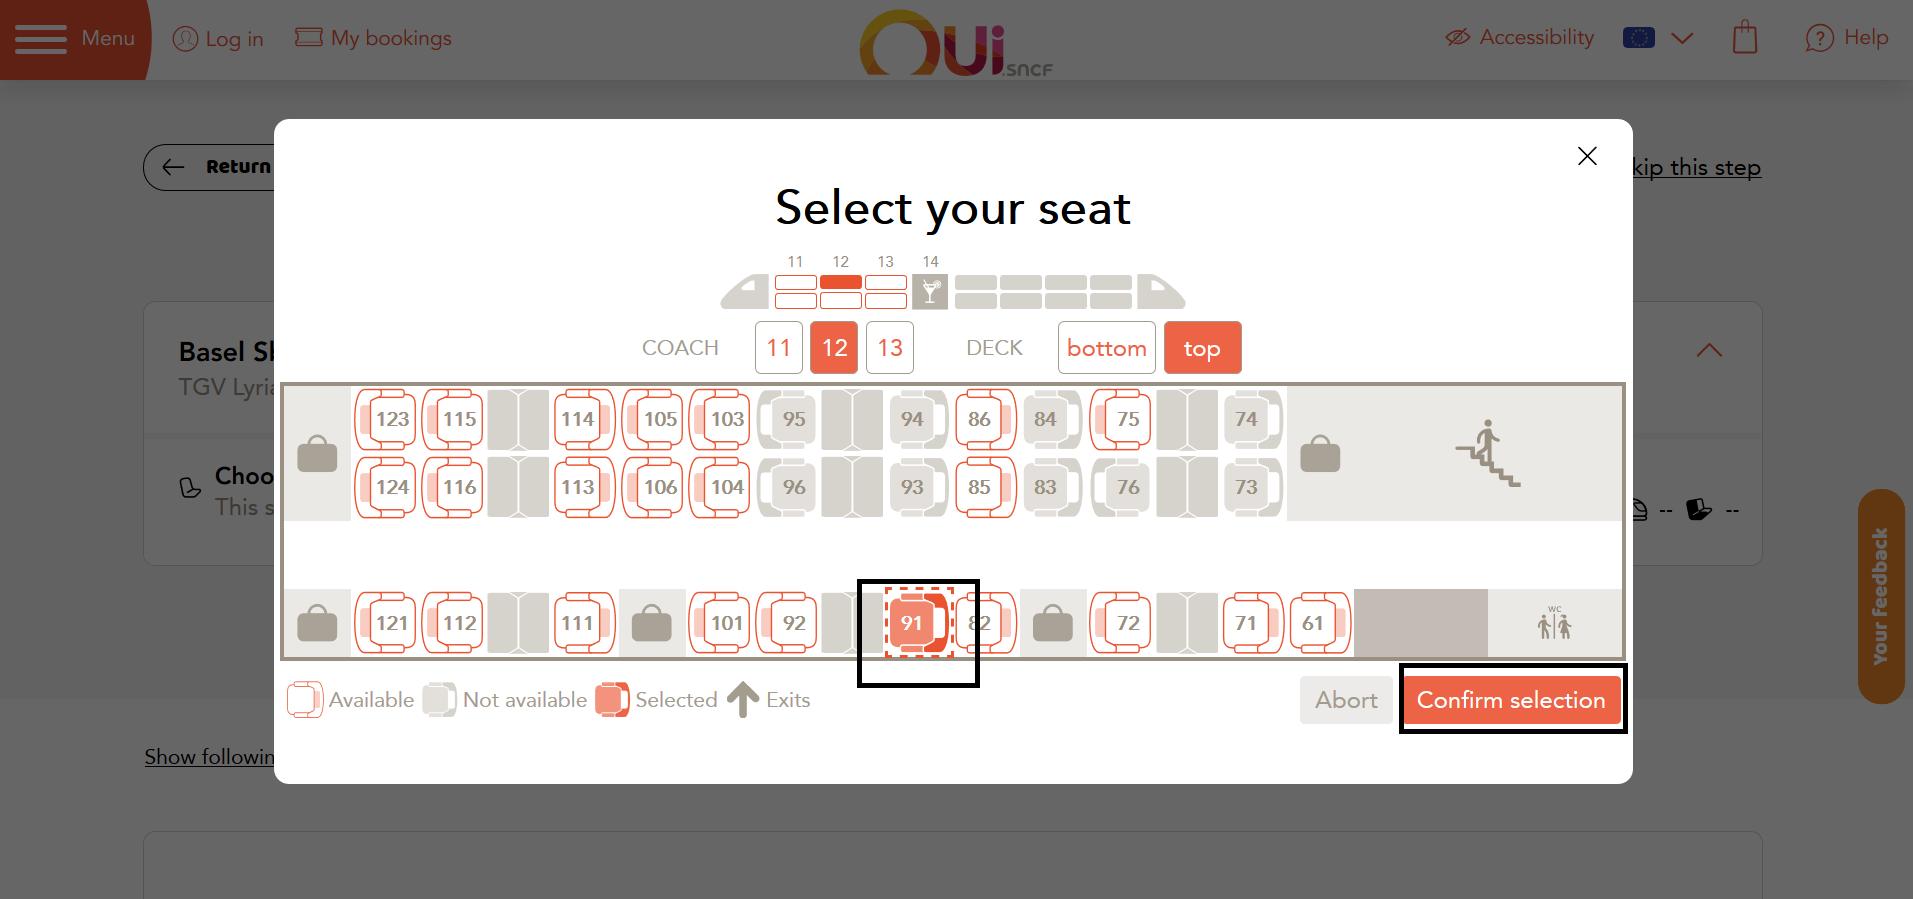 13. 適切な座席を選択